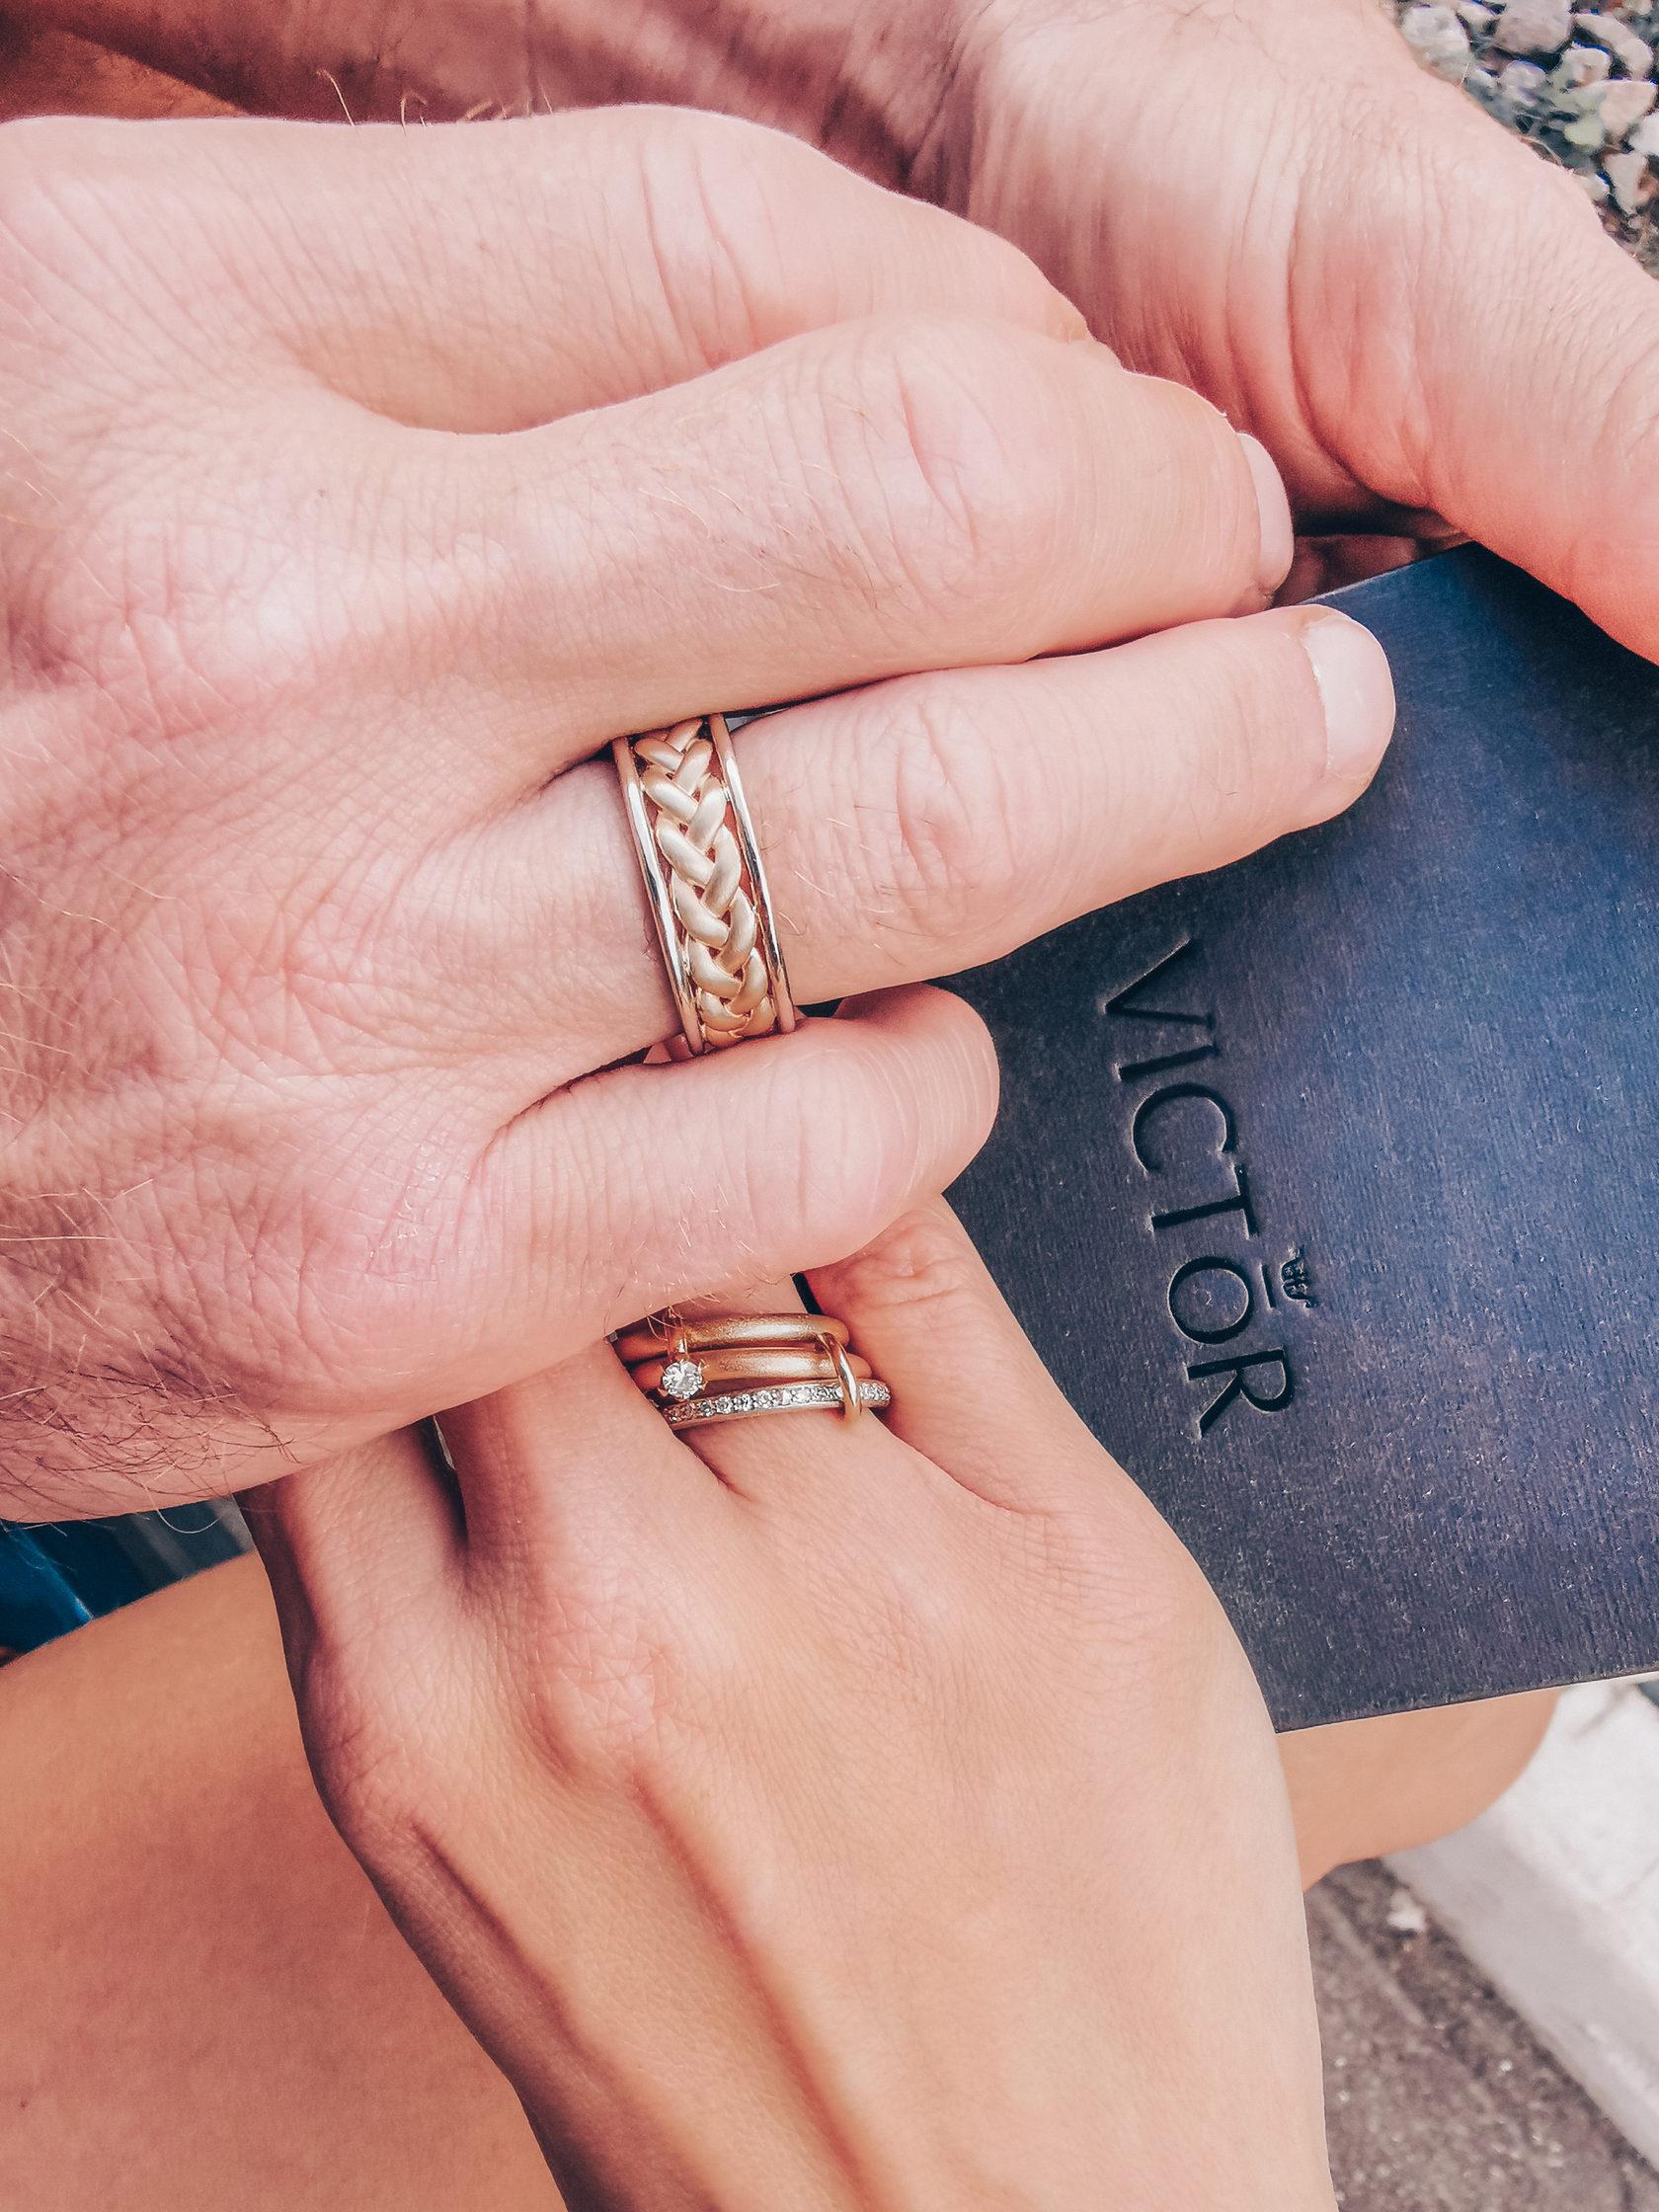 Обручальные кольца купить и заказать в Москве ювелирная студия Виктора Шадрина